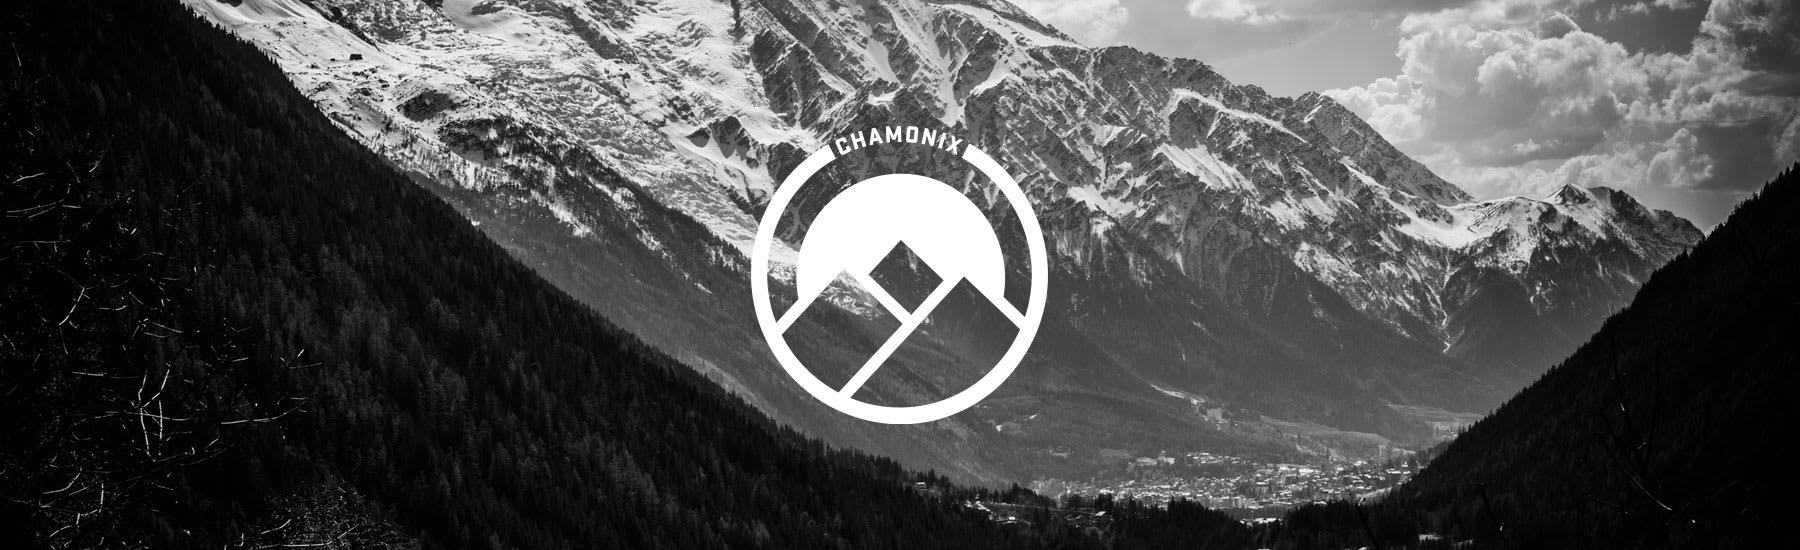 Chamonix Brand Page